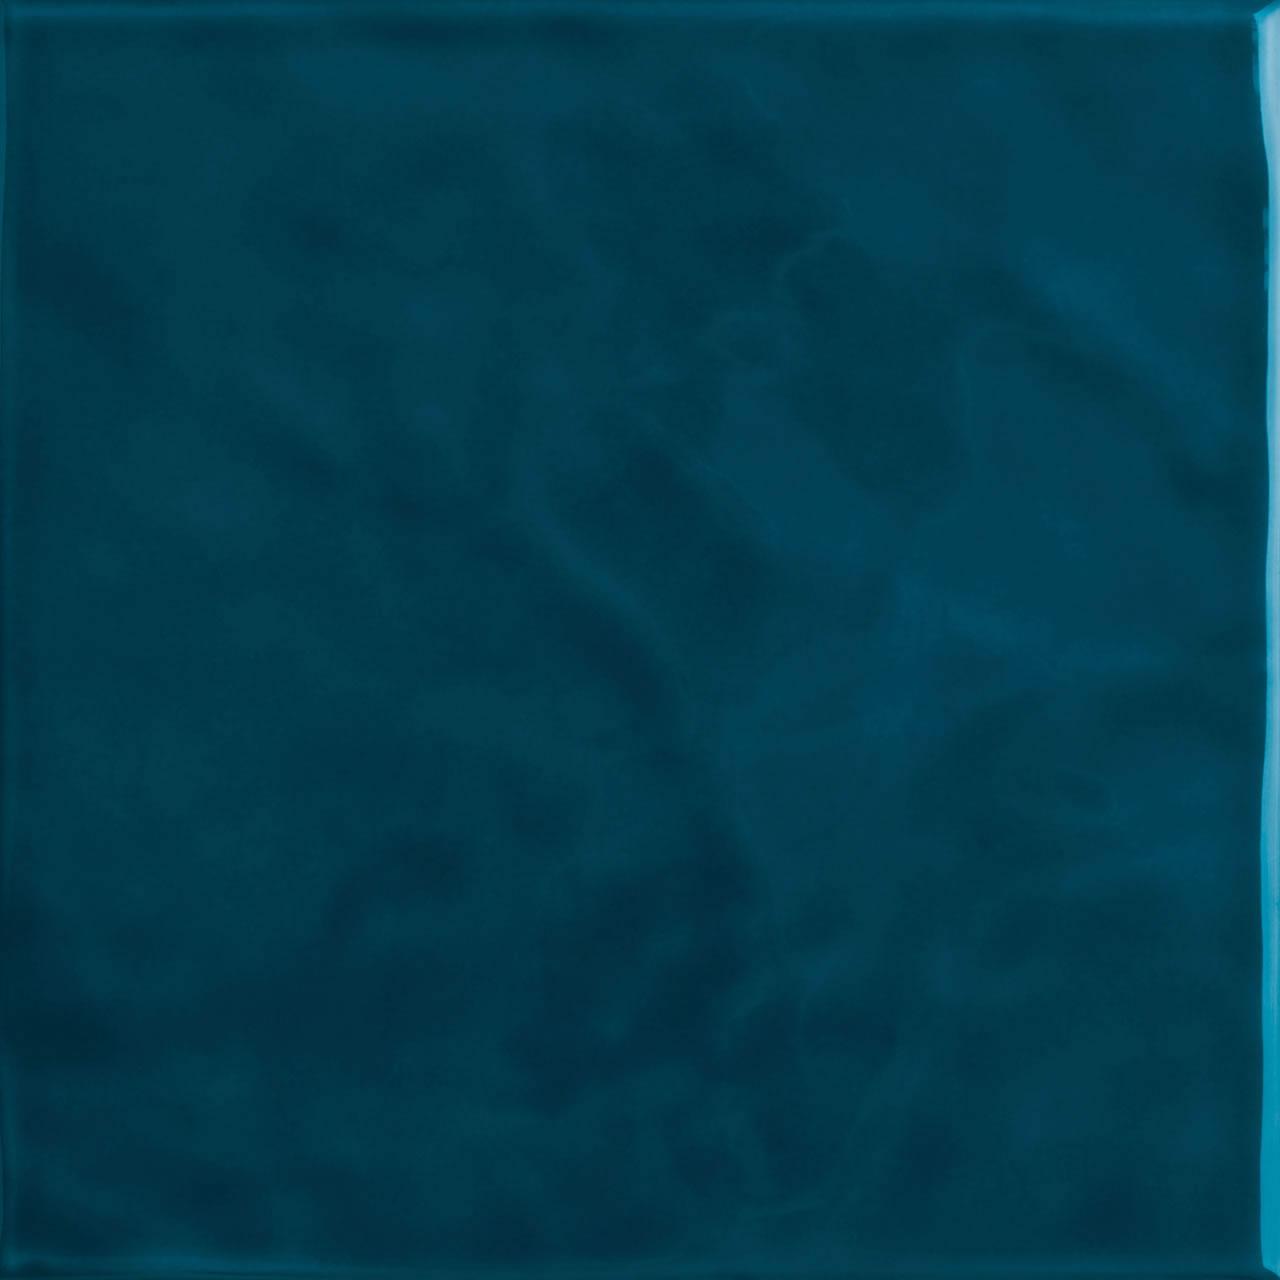 azul petroleo onda br